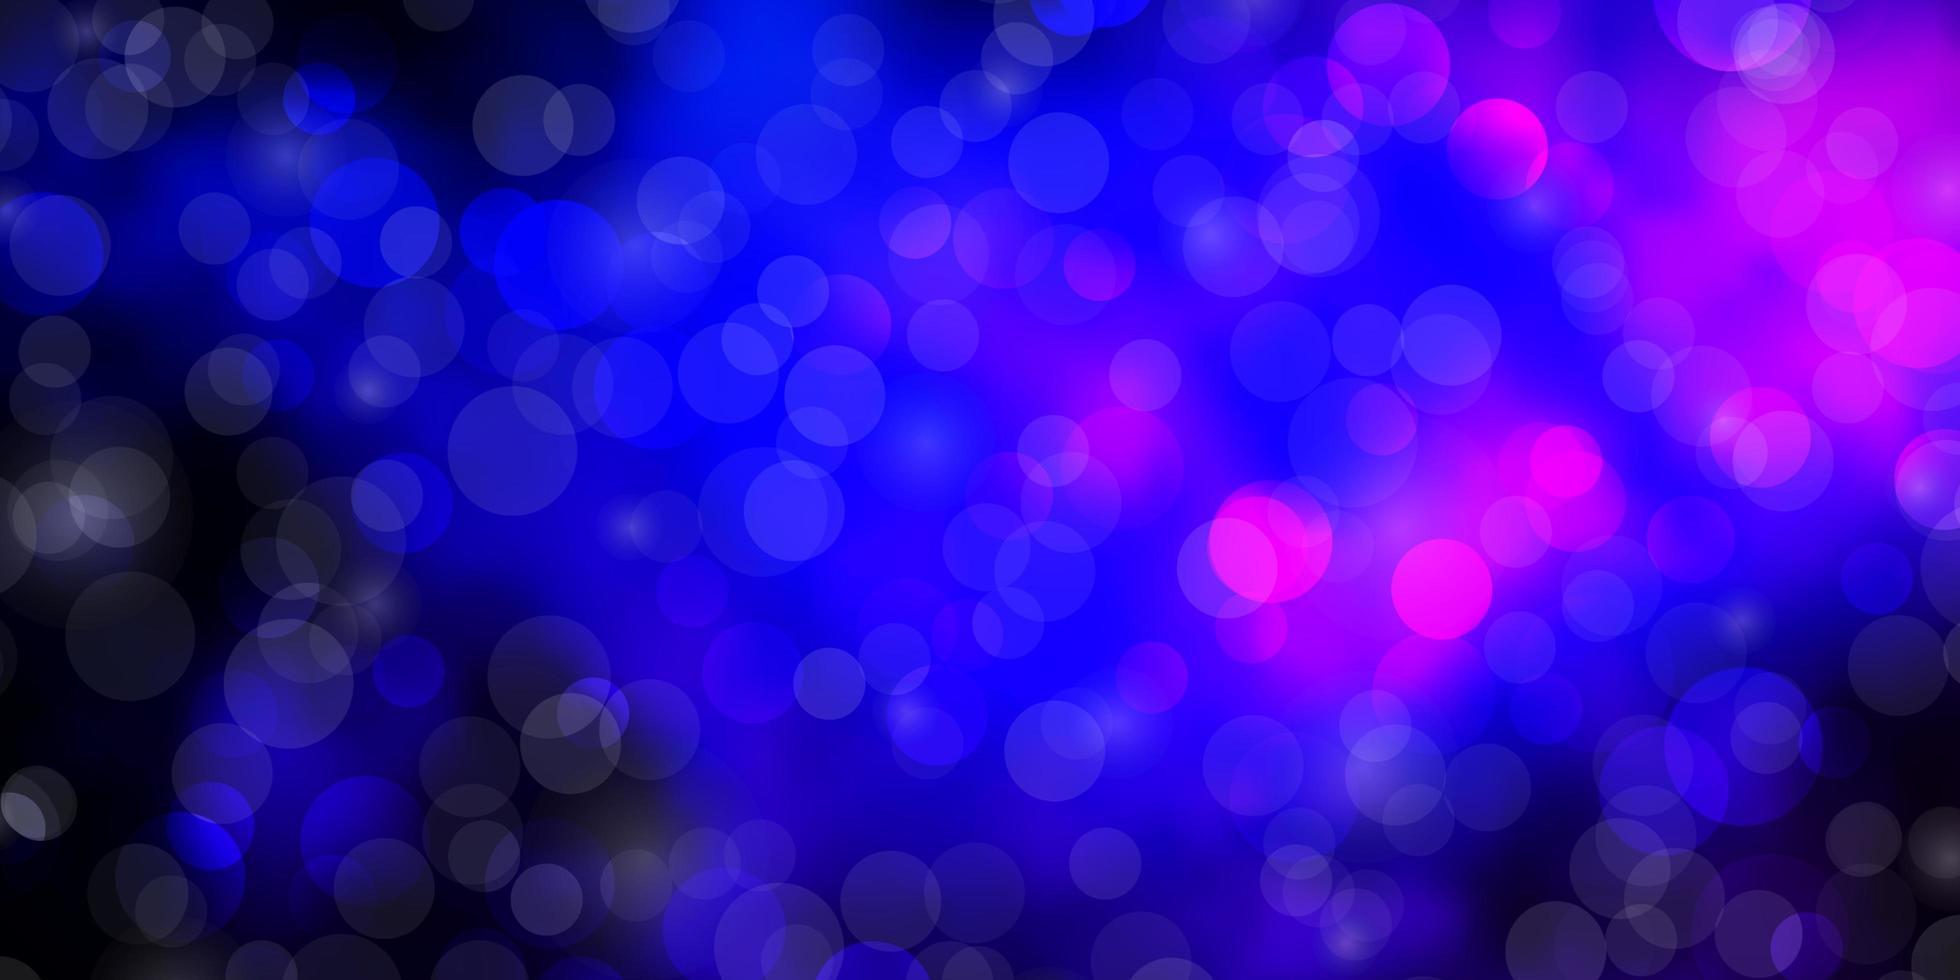 donkerroze, blauwe achtergrond met cirkels. vector